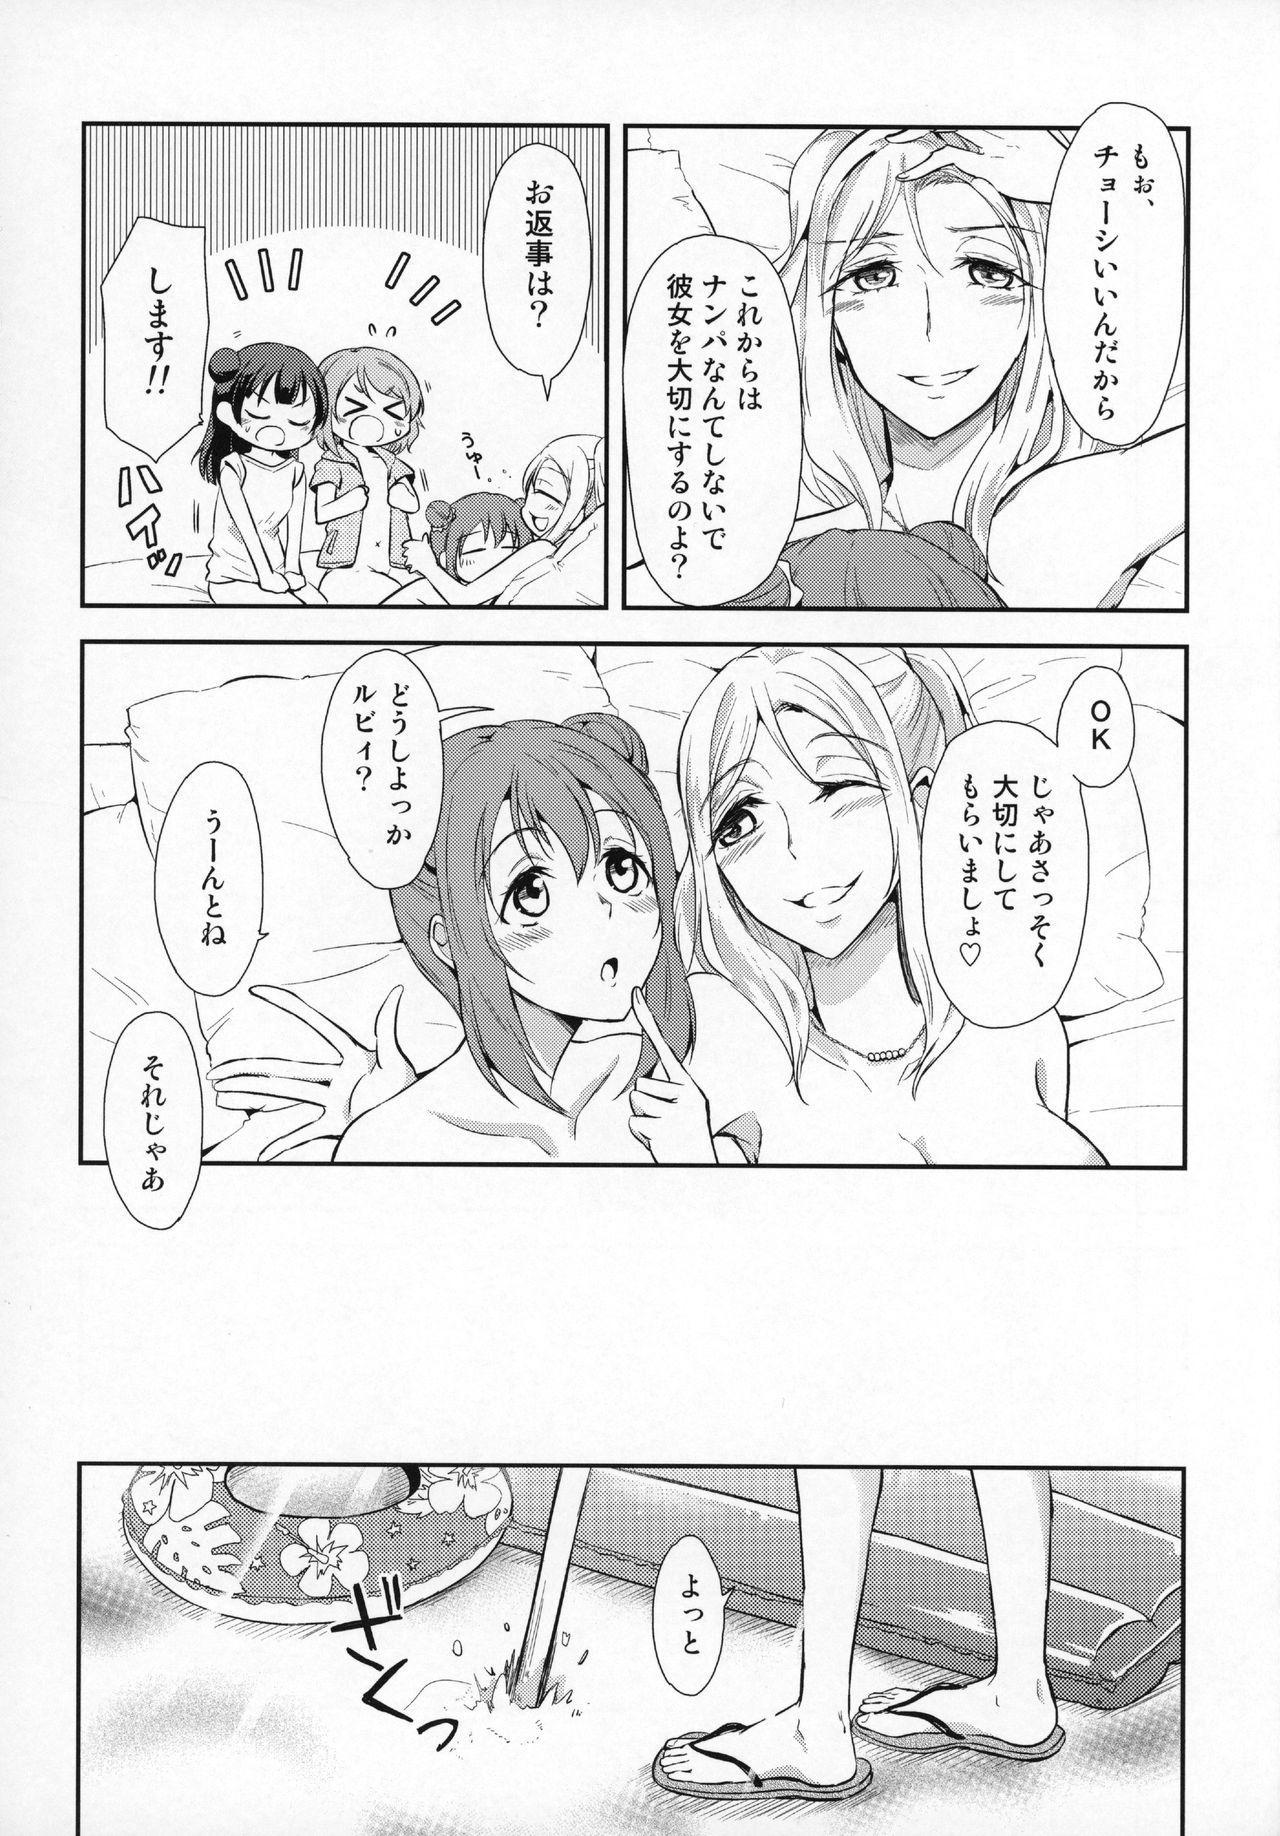 Jimoai DE Mantan Uchiura Girls 26